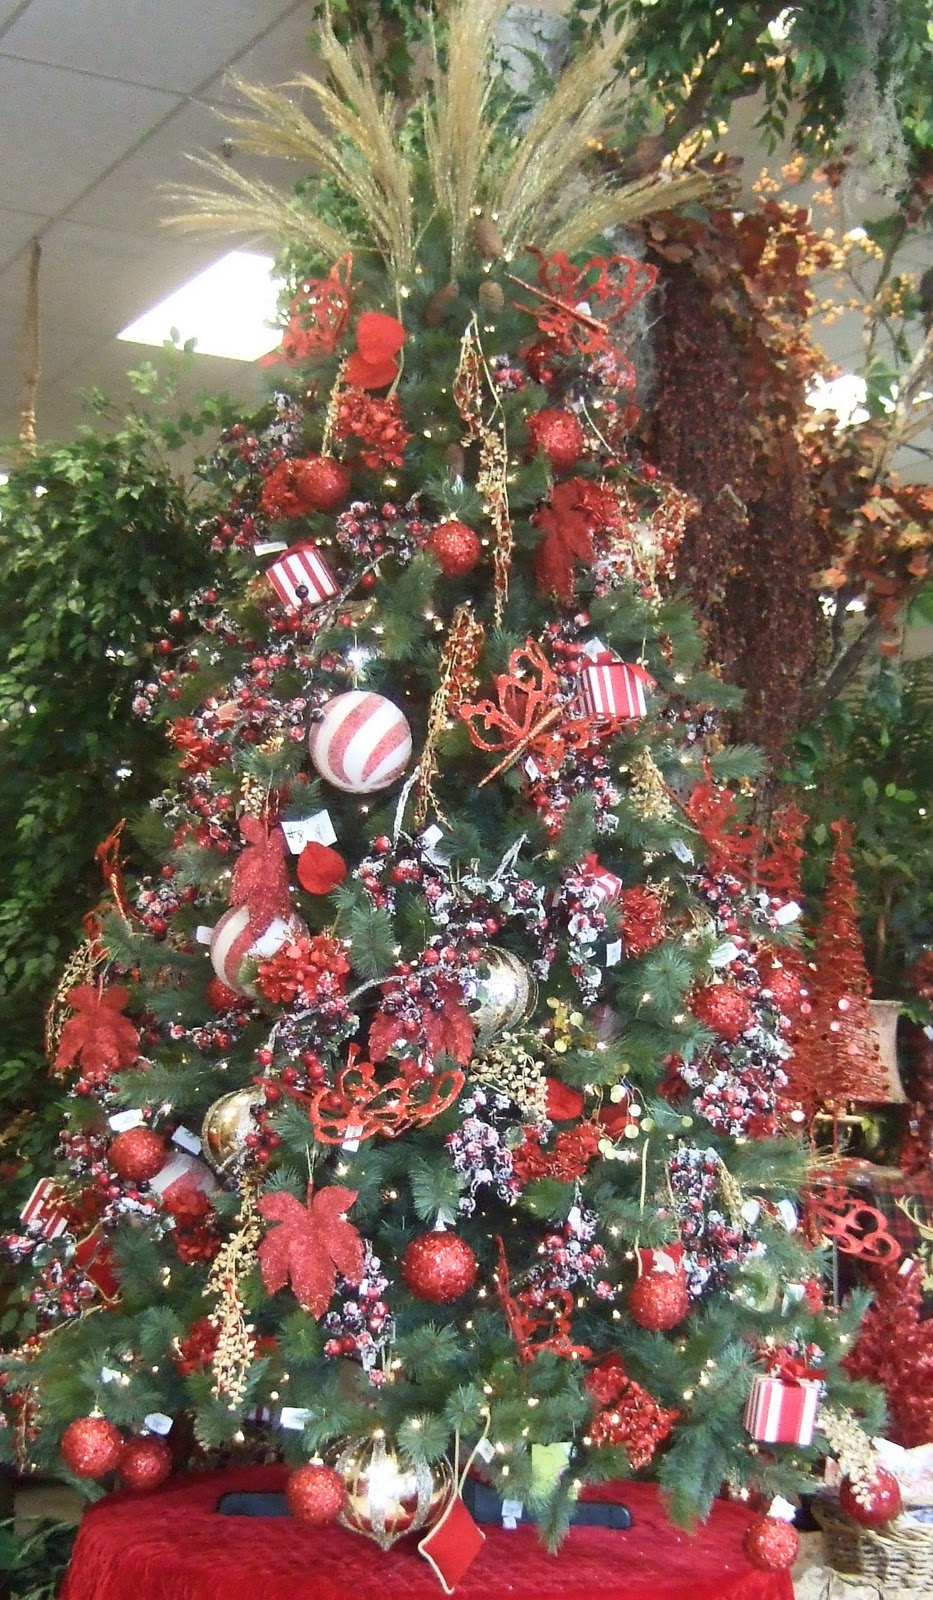 Ana silk flowers ideas christmas tree decorating for Decorating 10ft christmas tree